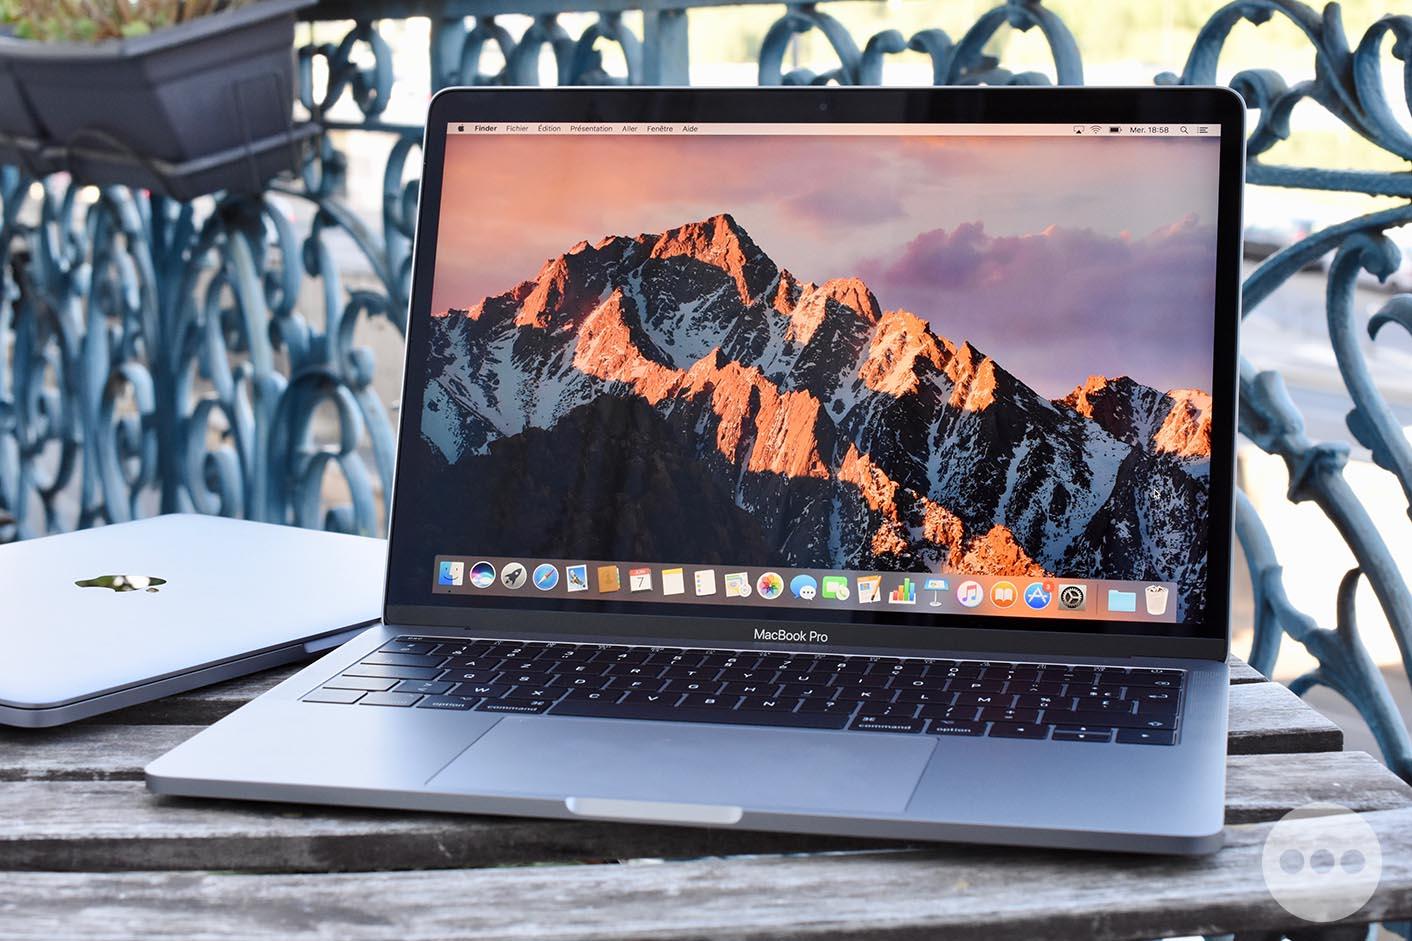 0b62581edc Consomac : Notre test du MacBook Pro 13,3'' de 2017